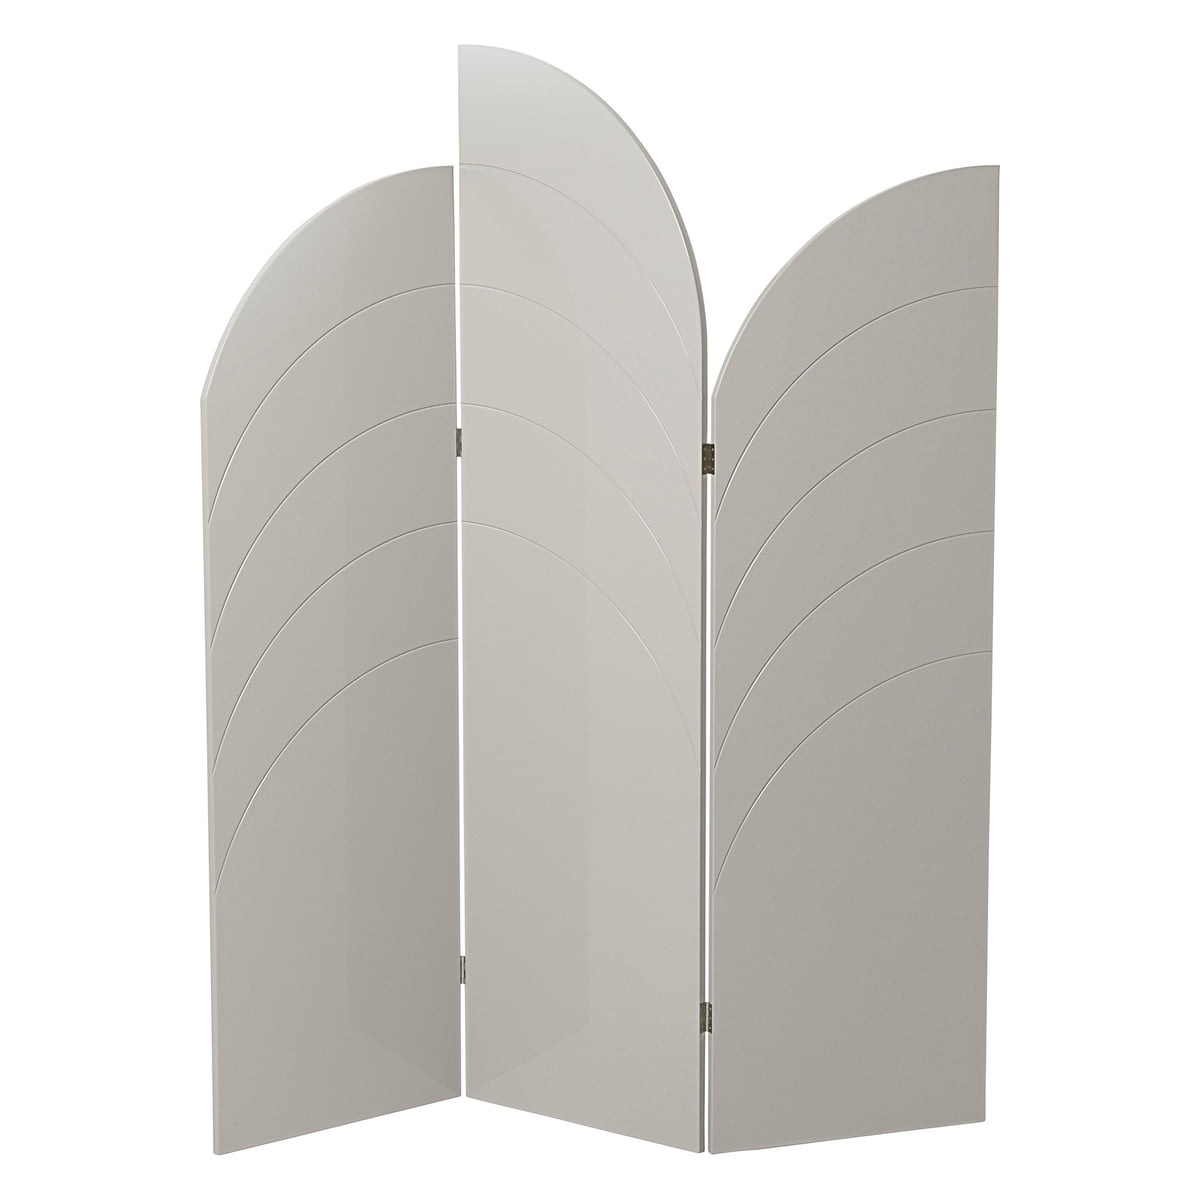 ferm Living - Unfold Paravent, grau (RAL 3502-Y) | Wohnzimmer > Regale > Raumteiler | Grau | Hochglanz lackiertes mdf. innenleben aus einer wabenstruktur | ferm living